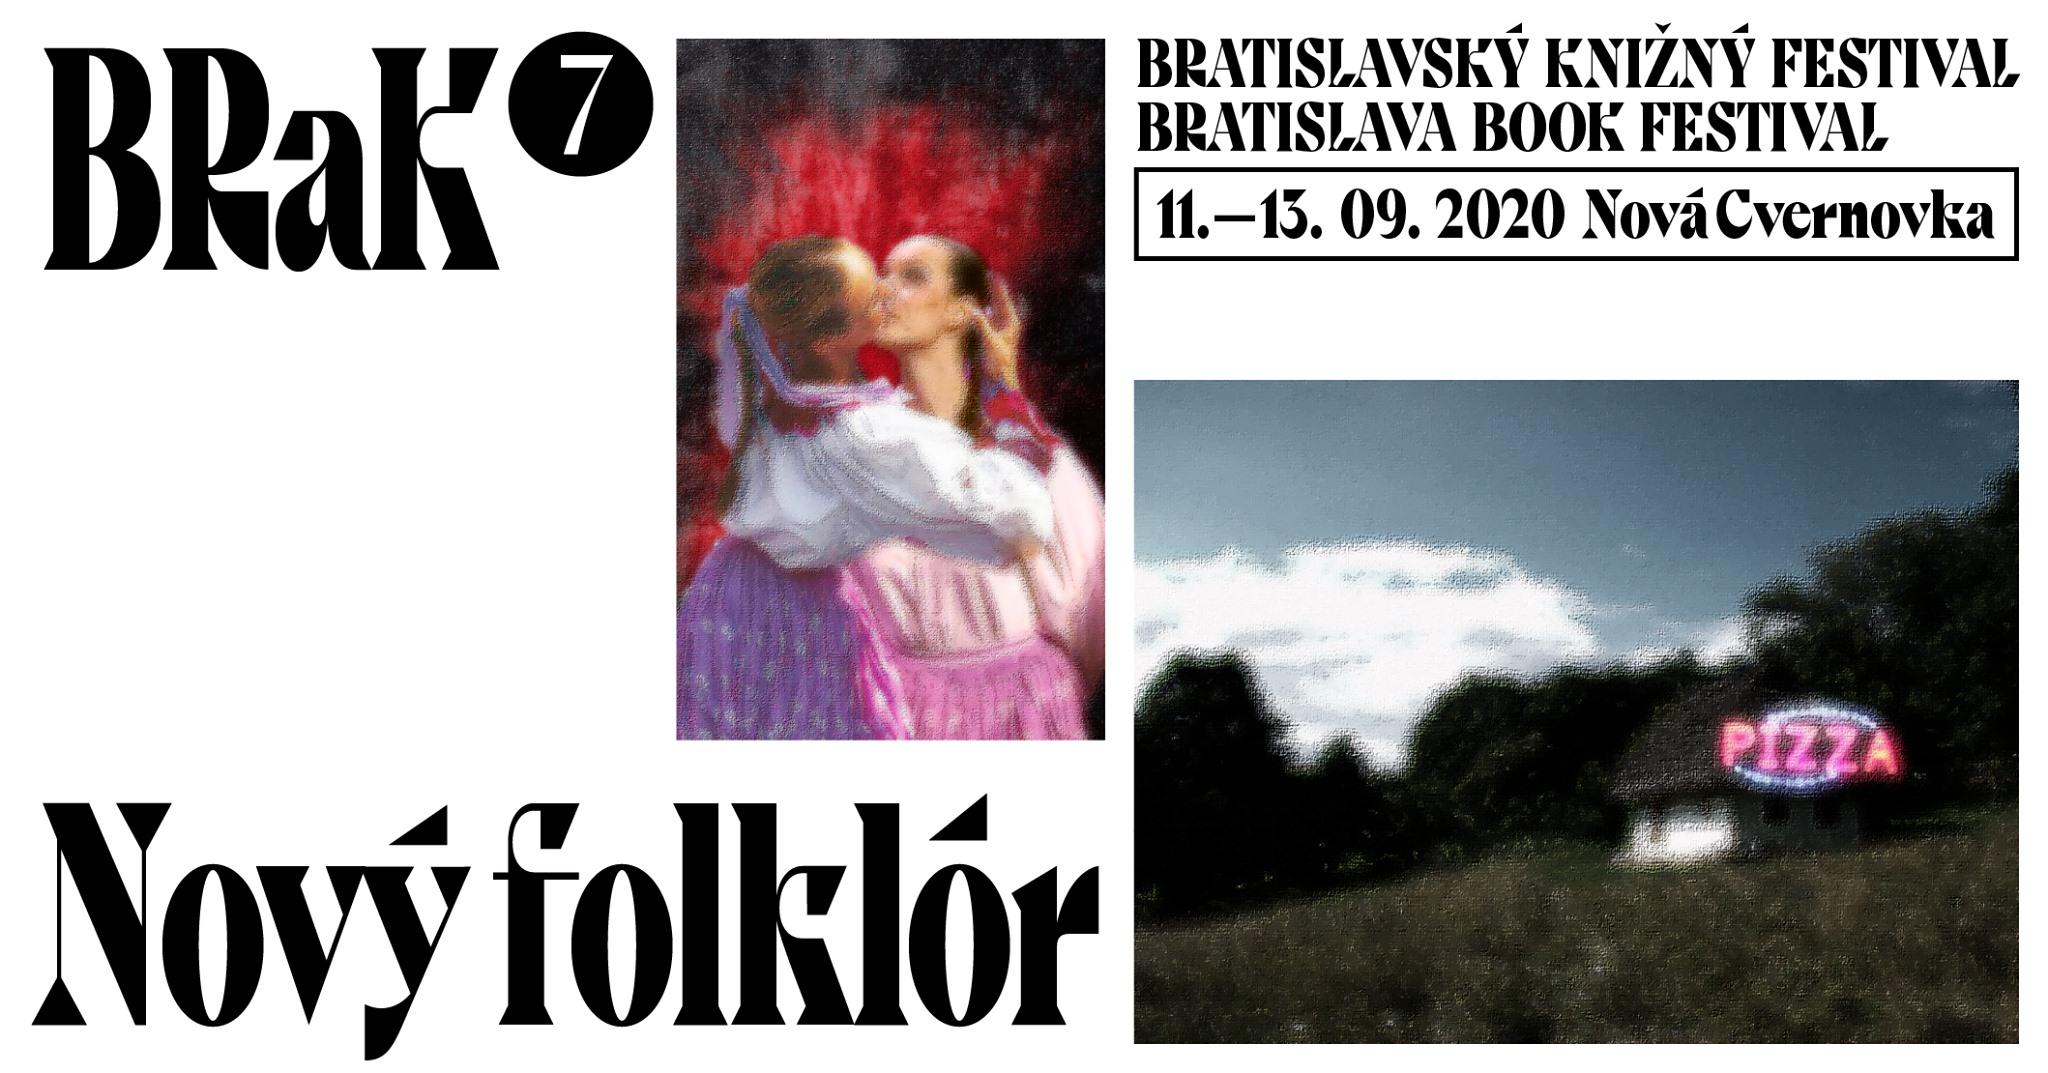 BRaK - Bratislavský knižný festival 2020 Nová Cvernovka